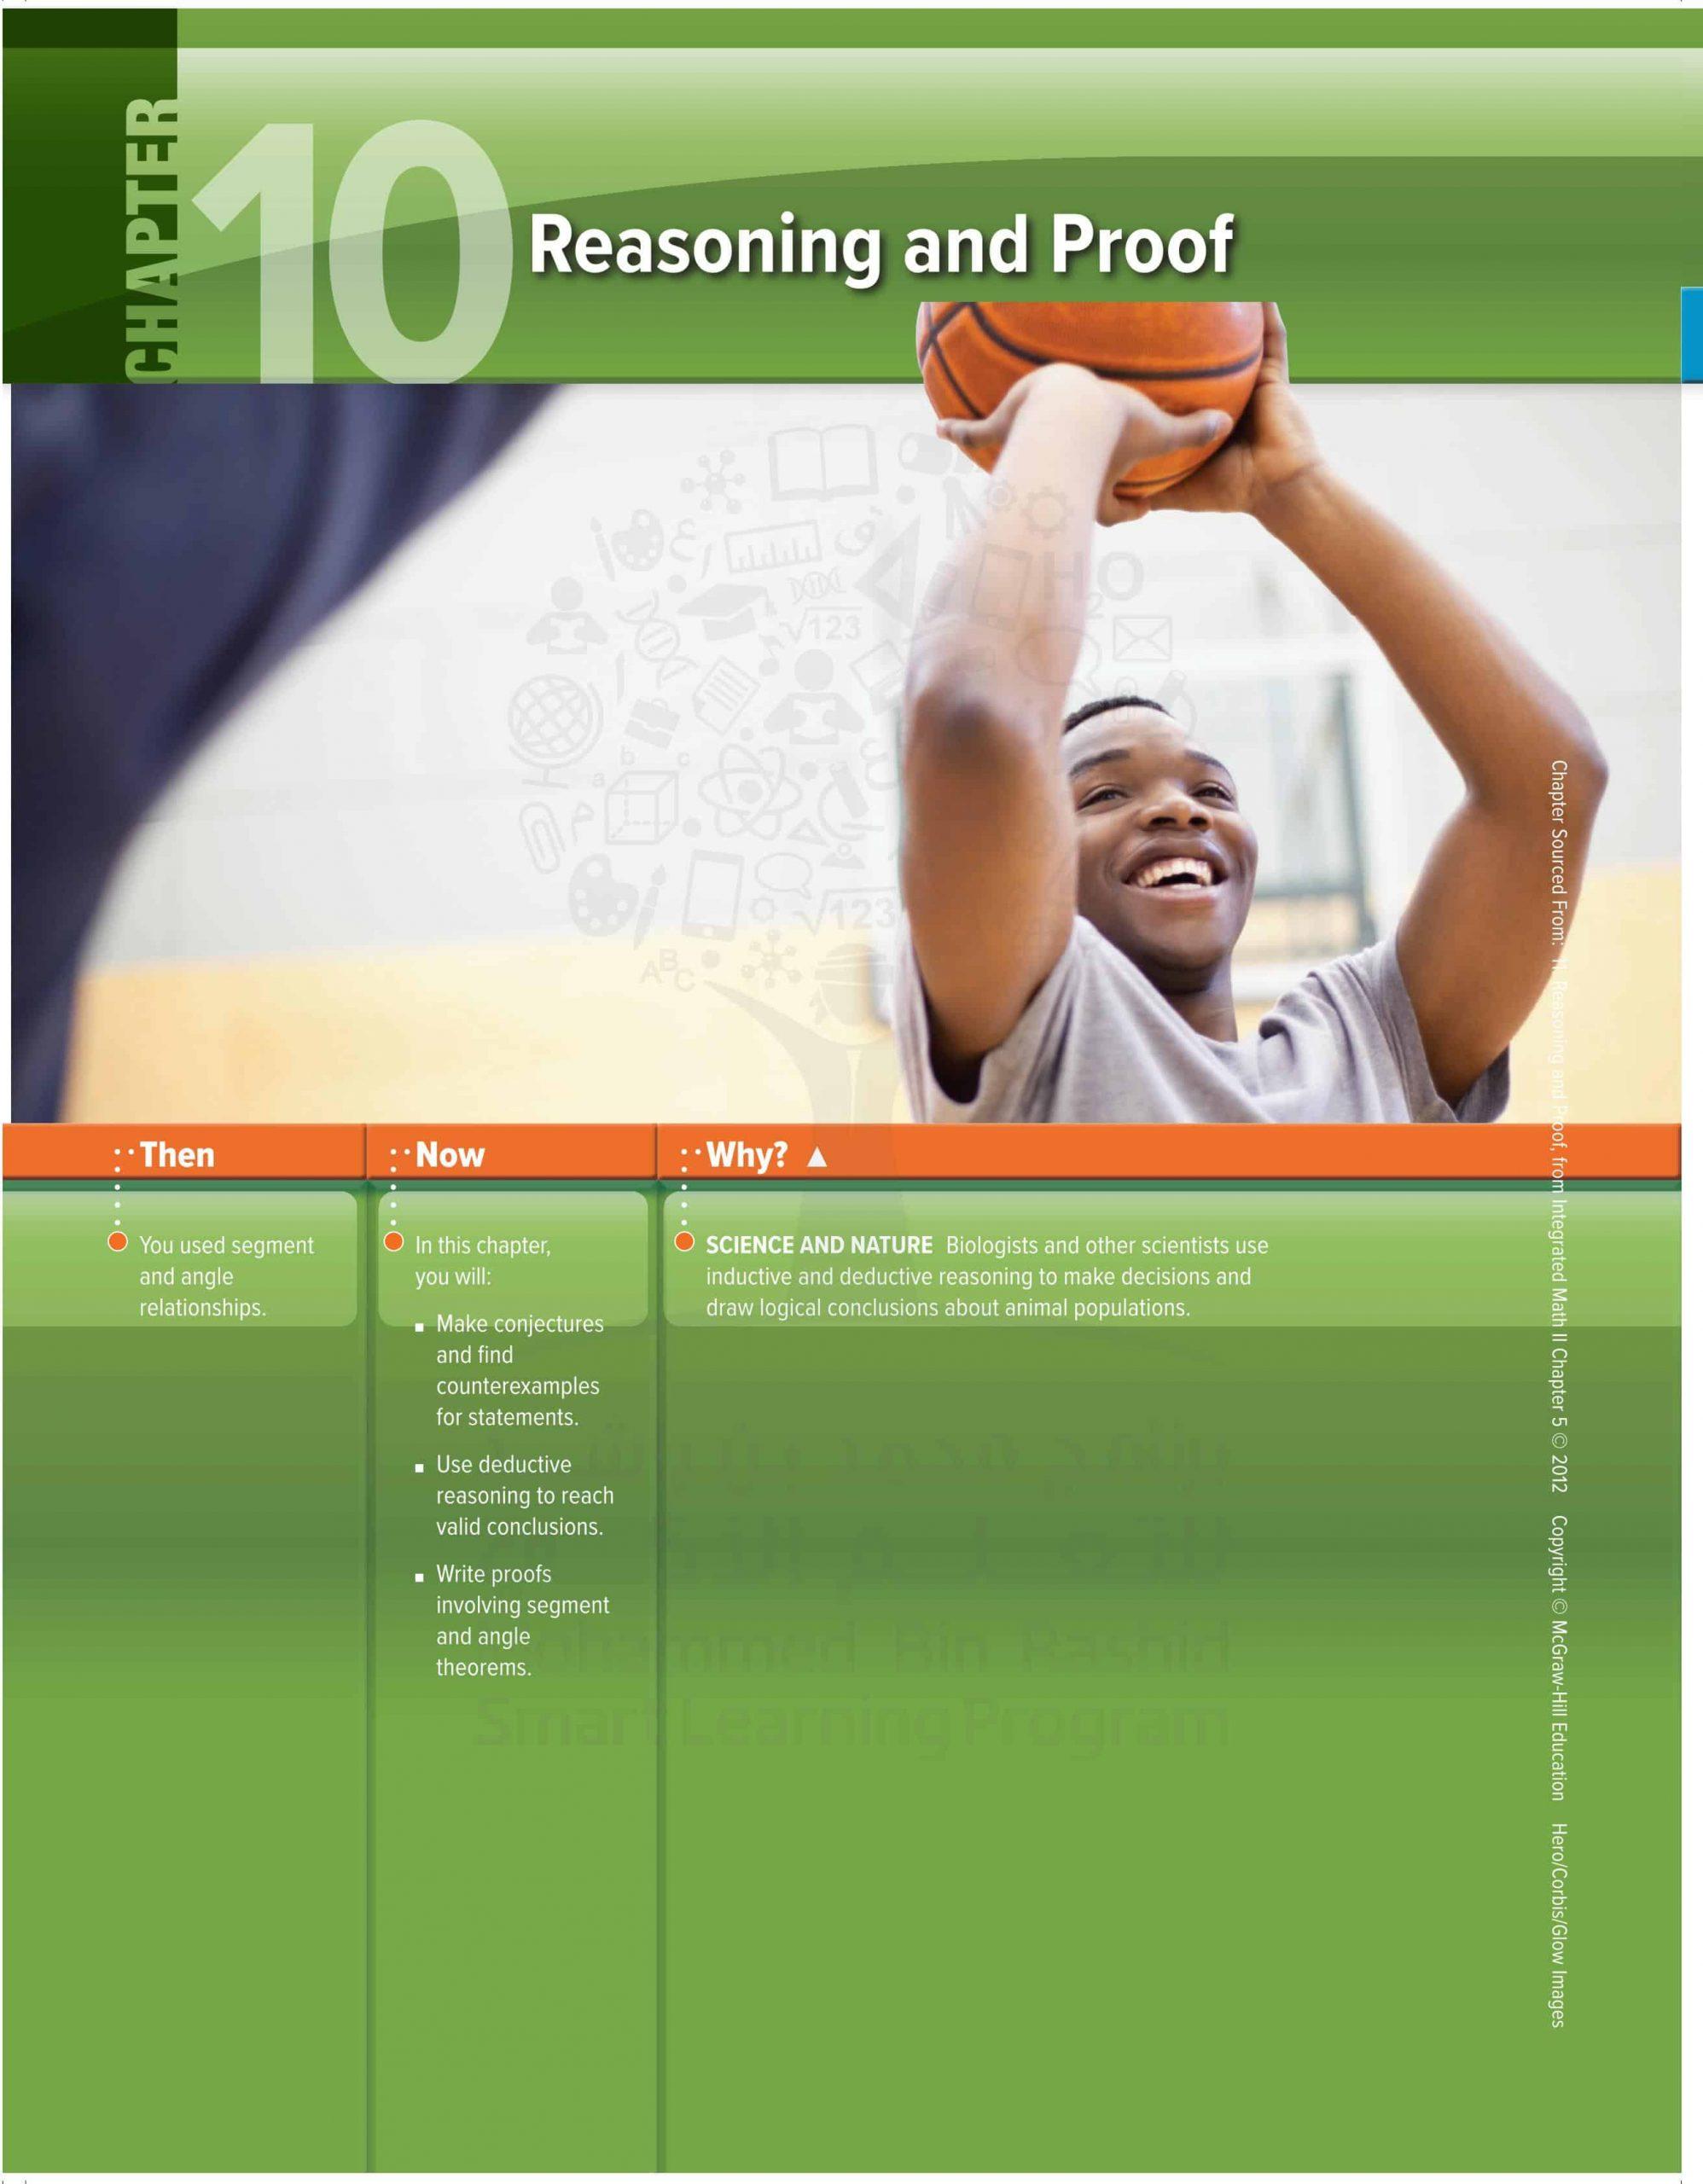 كتاب الطالب وحدة Reasoning of Proof بالإنجليزي الفصل الدراسي الثالث 2020-2021 الصف التاسع مادة الرياضيات المتكاملة